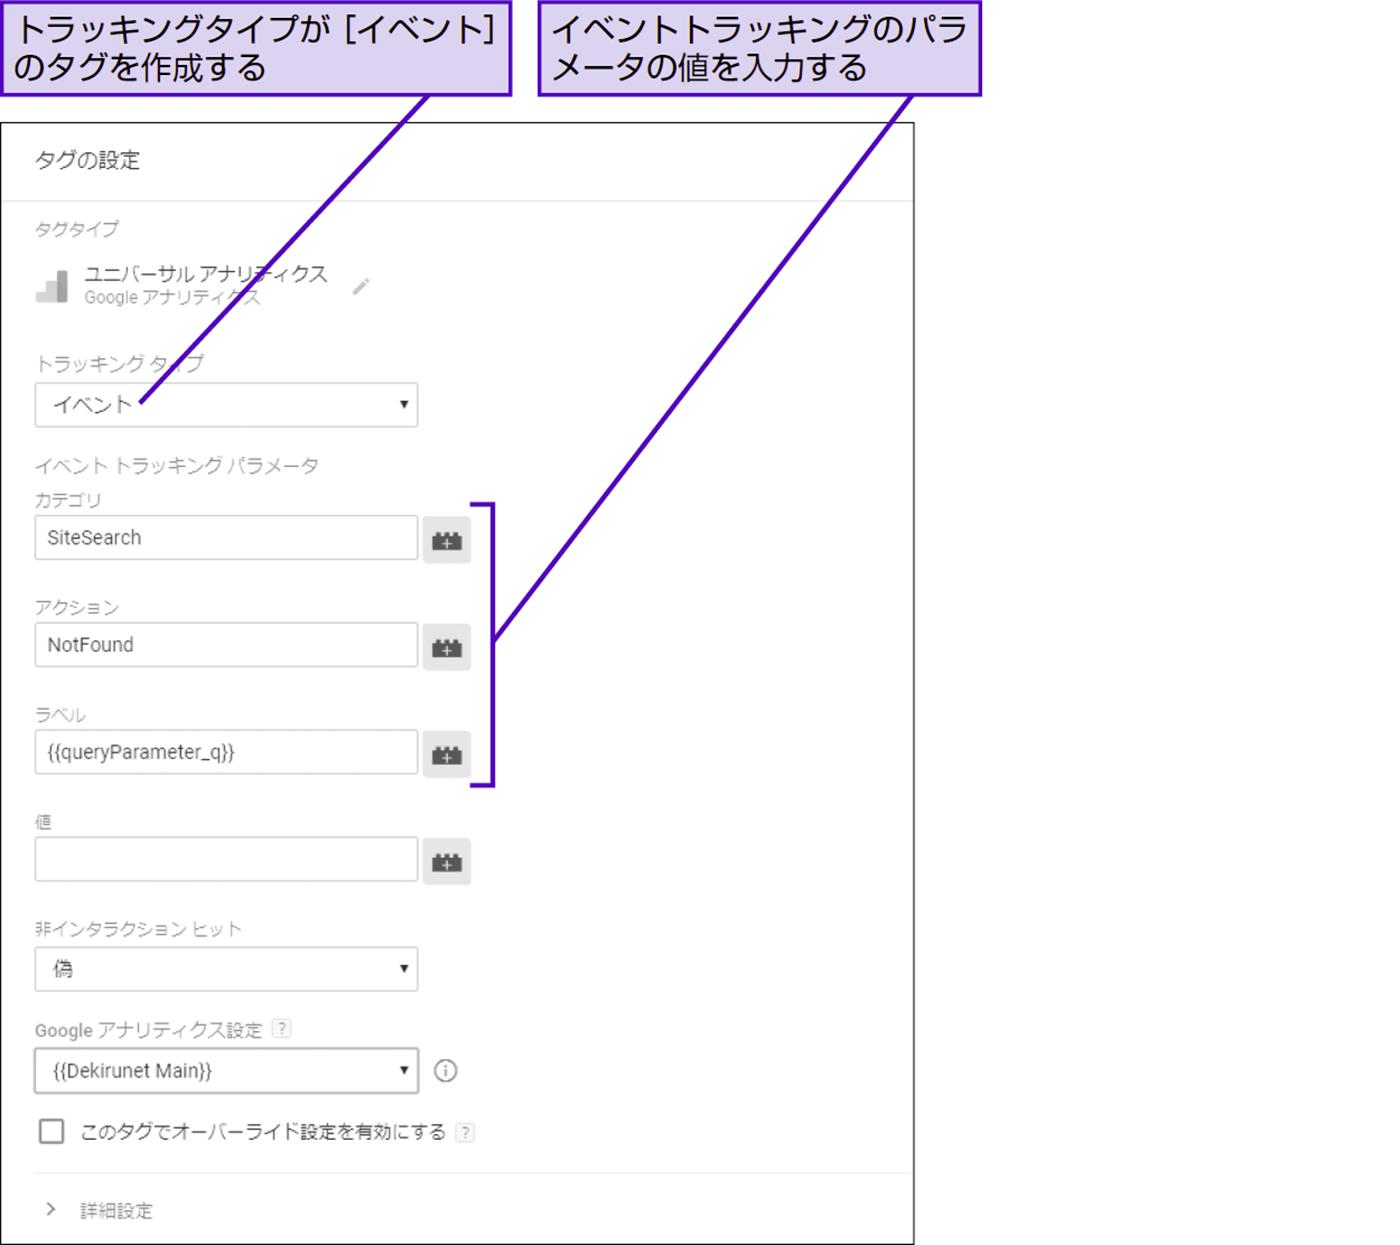 サイト内検索結果が0件になるキーワードを見つける - できる逆引き Googleアナリティクス 増補改訂2版